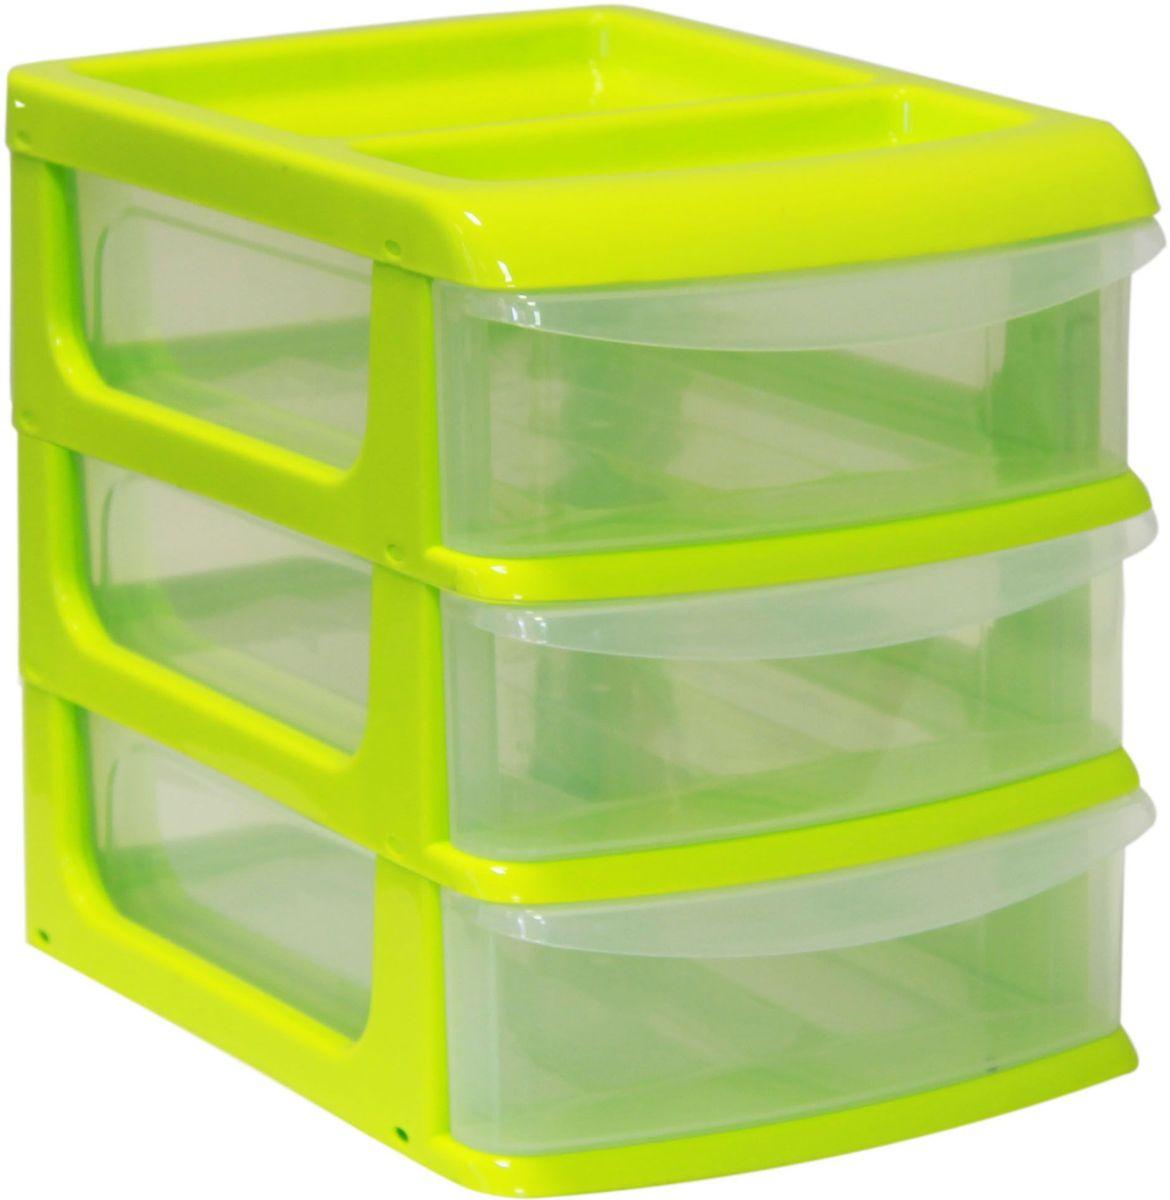 Бокс универсальный Idea, цвет: салатовый, прозрачный, 25 х 34 х 28 см, 3 секции бокс универсальный idea 3 секции цвет салатовый 20 см х 14 5 см х 18 см